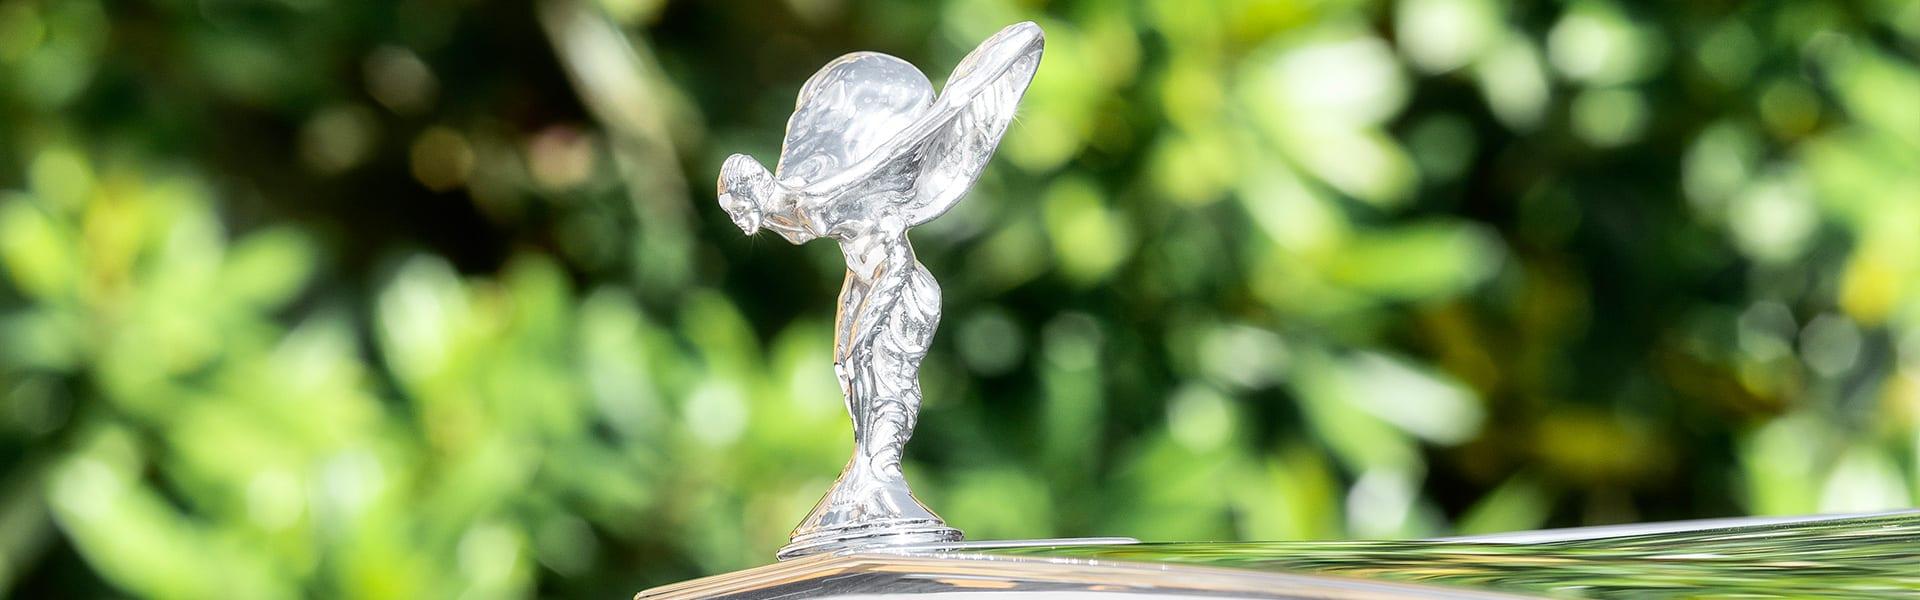 Rolls-Royce-Flying-Spur-Hero-1